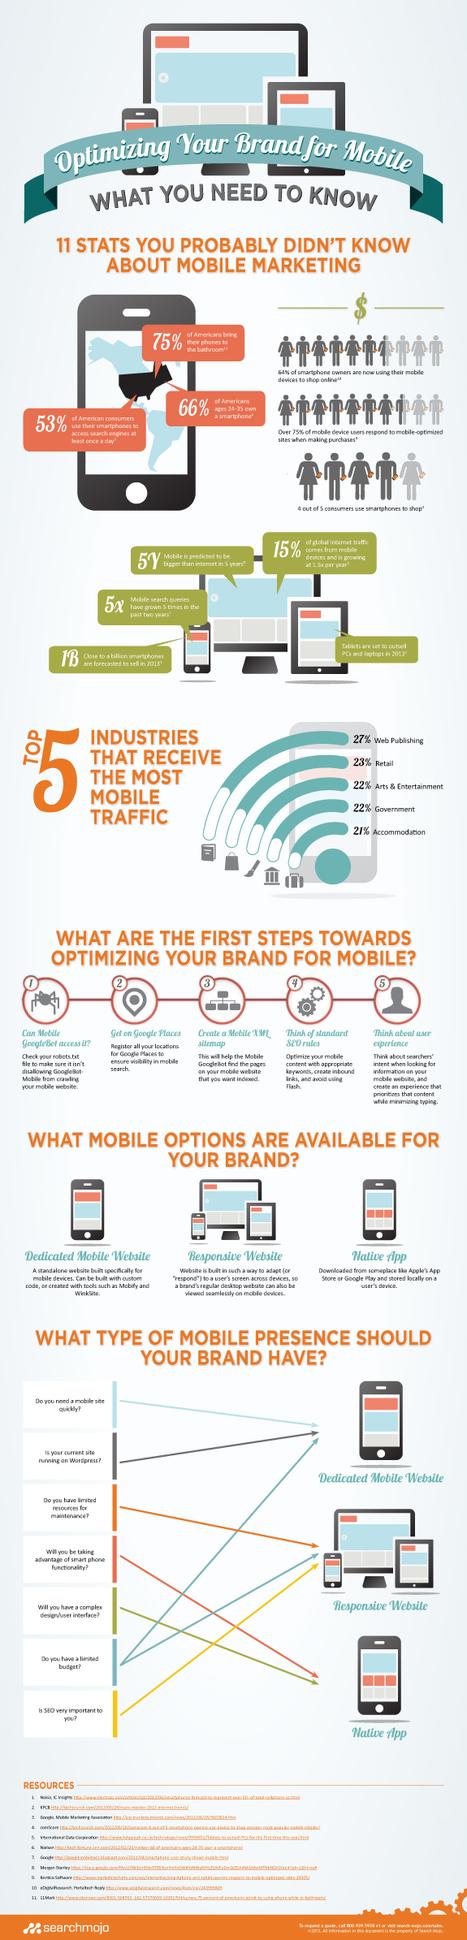 Ce que vous devez savoir afin d'optimiser votre marque pour le mobile. | News de la relation client | Scoop.it